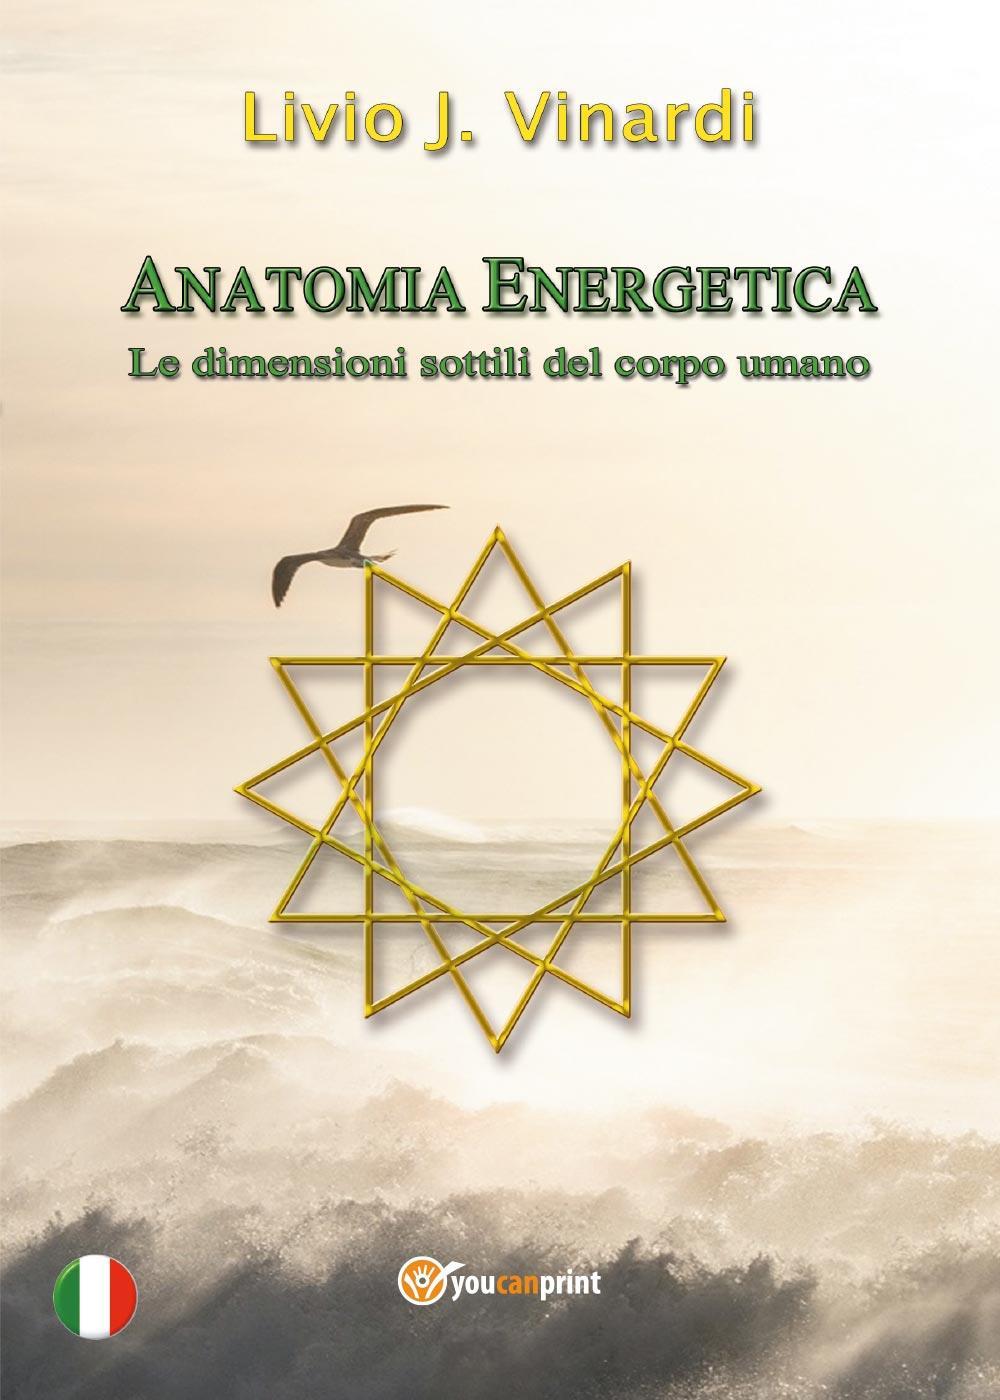 Anatomia Energetica - Le dimensioni sottili del corpo umano